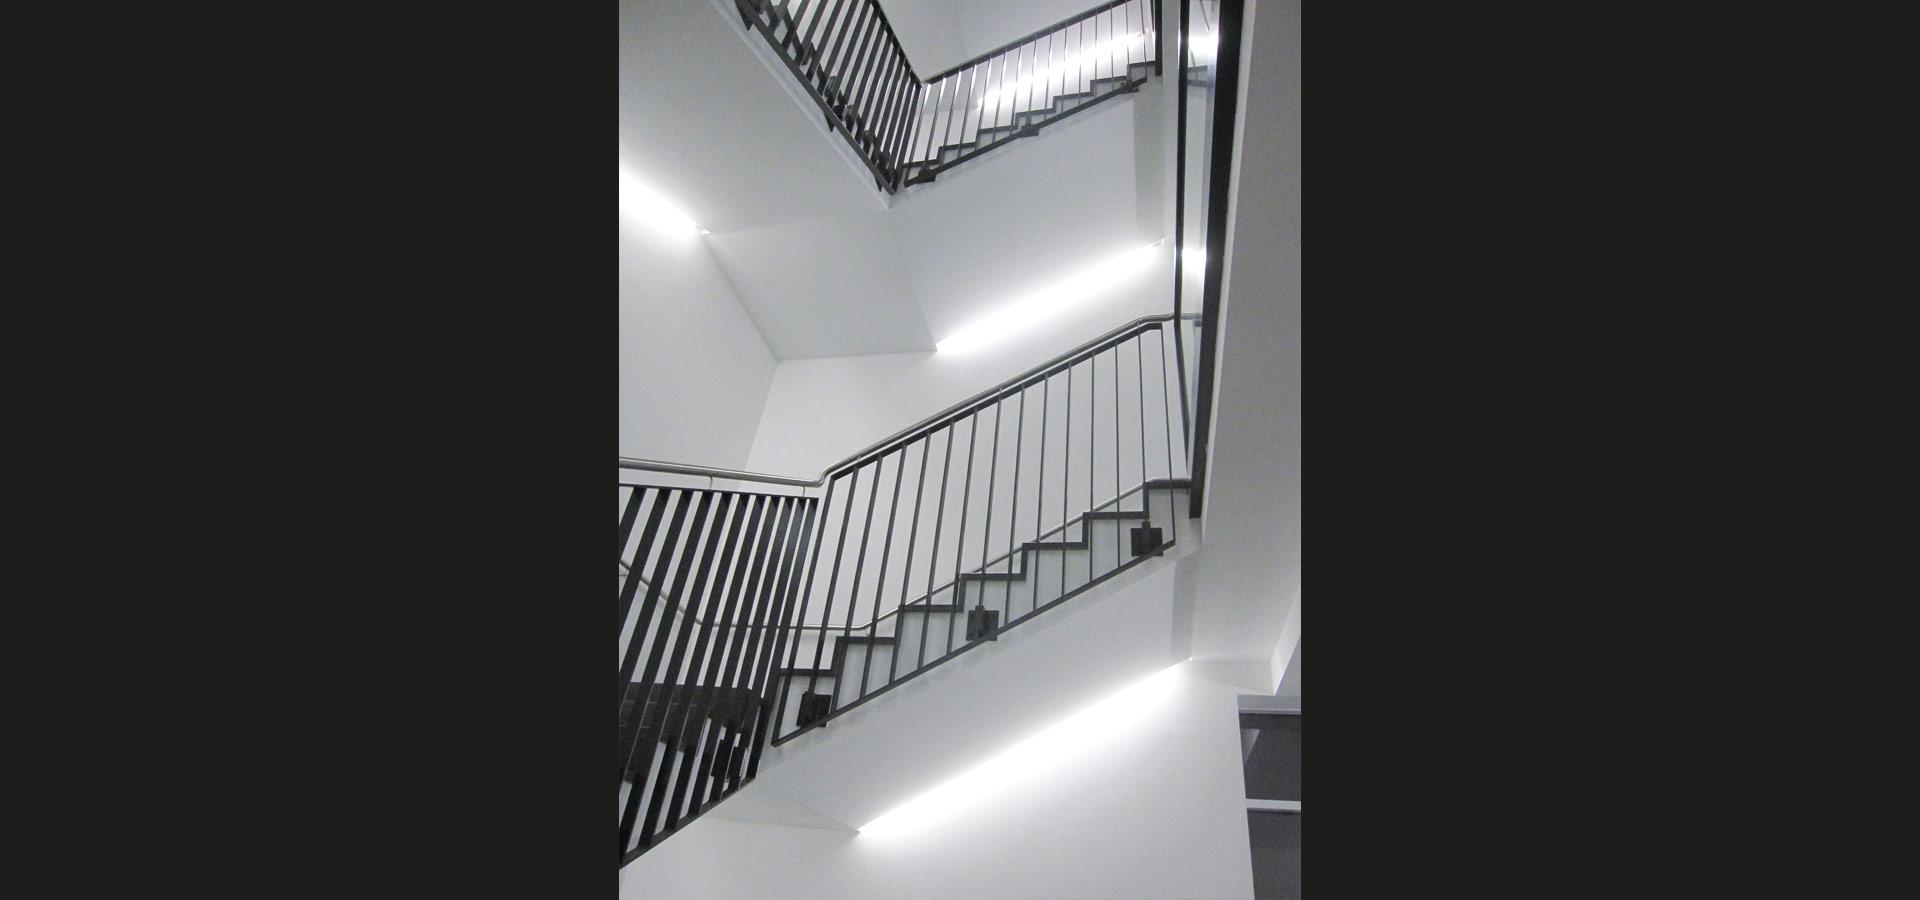 Treppenhaus Beleuchtung Led Led Beleuchtung Fur Treppenhaus Wohn